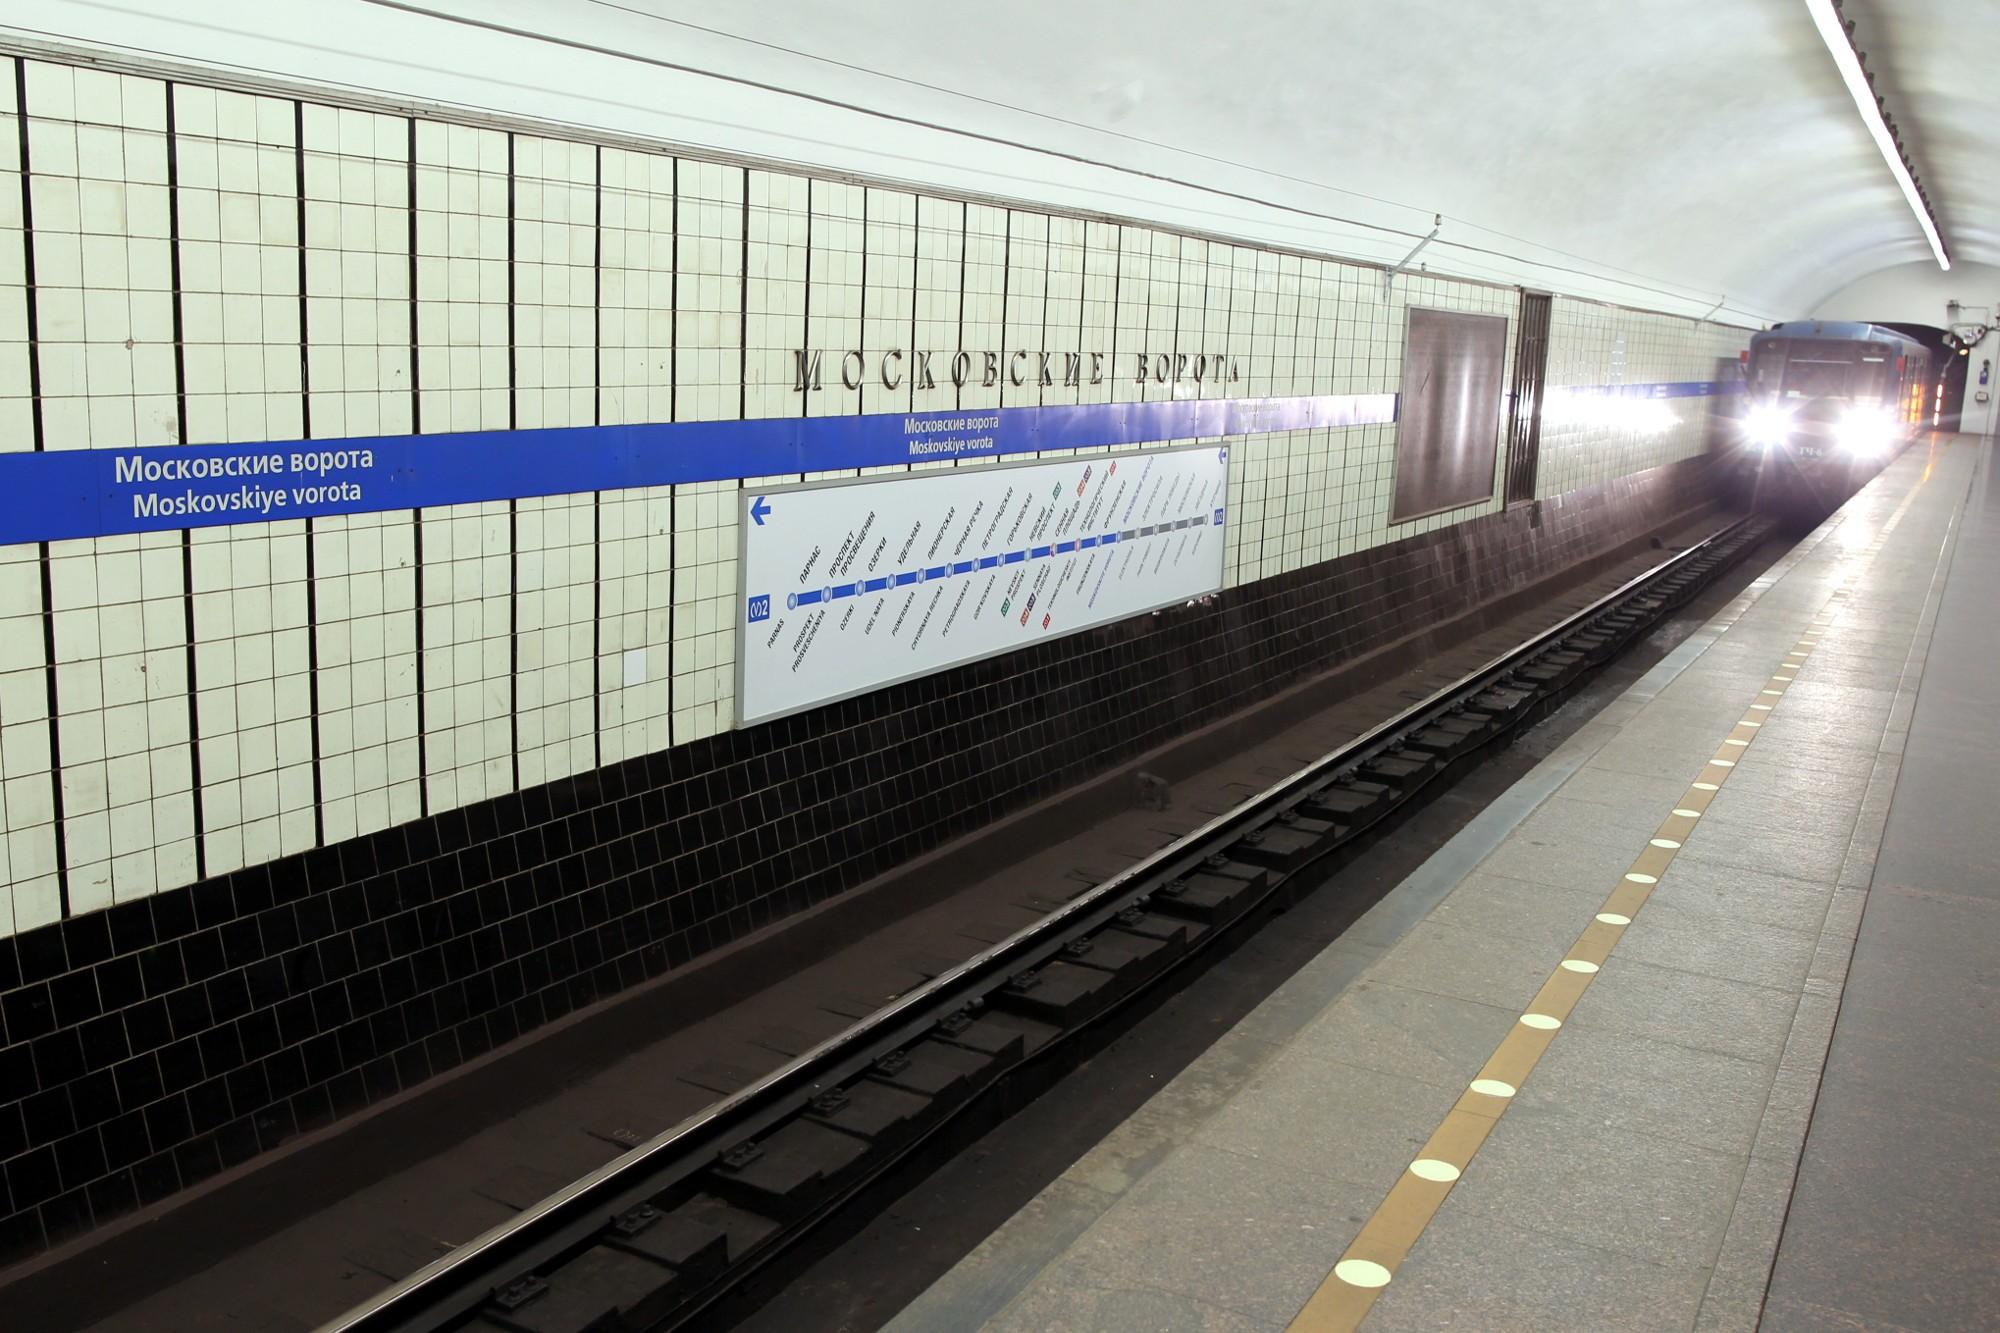 """Станция метро """"Московские ворота"""". источник: http://topdialog.ru/wp-content/uploads/2016/05/copy_of_I63F5092.jpg"""